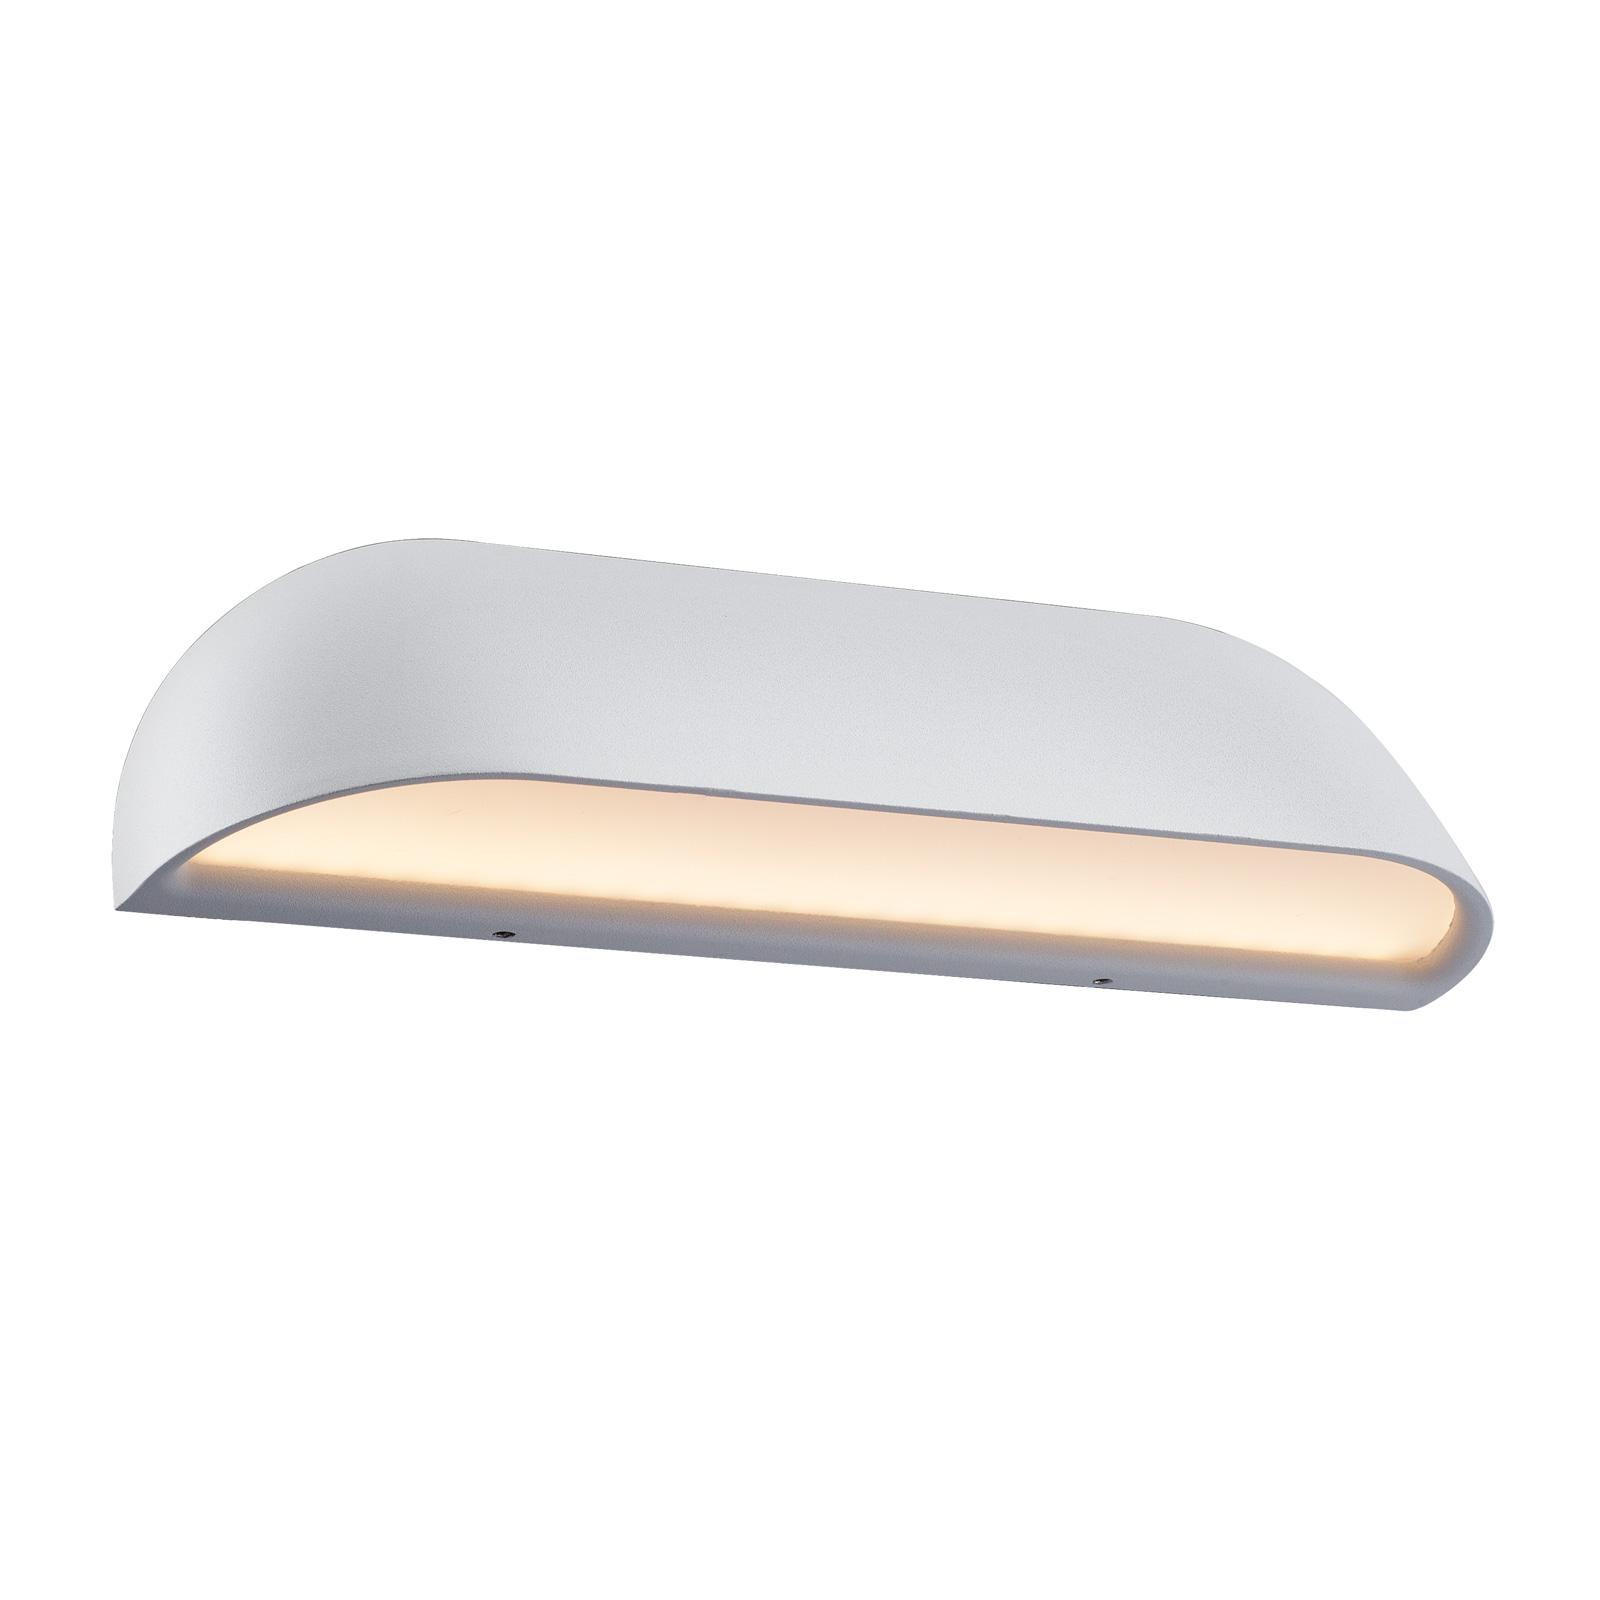 LED-Außenwandlampe Front 26, weiß